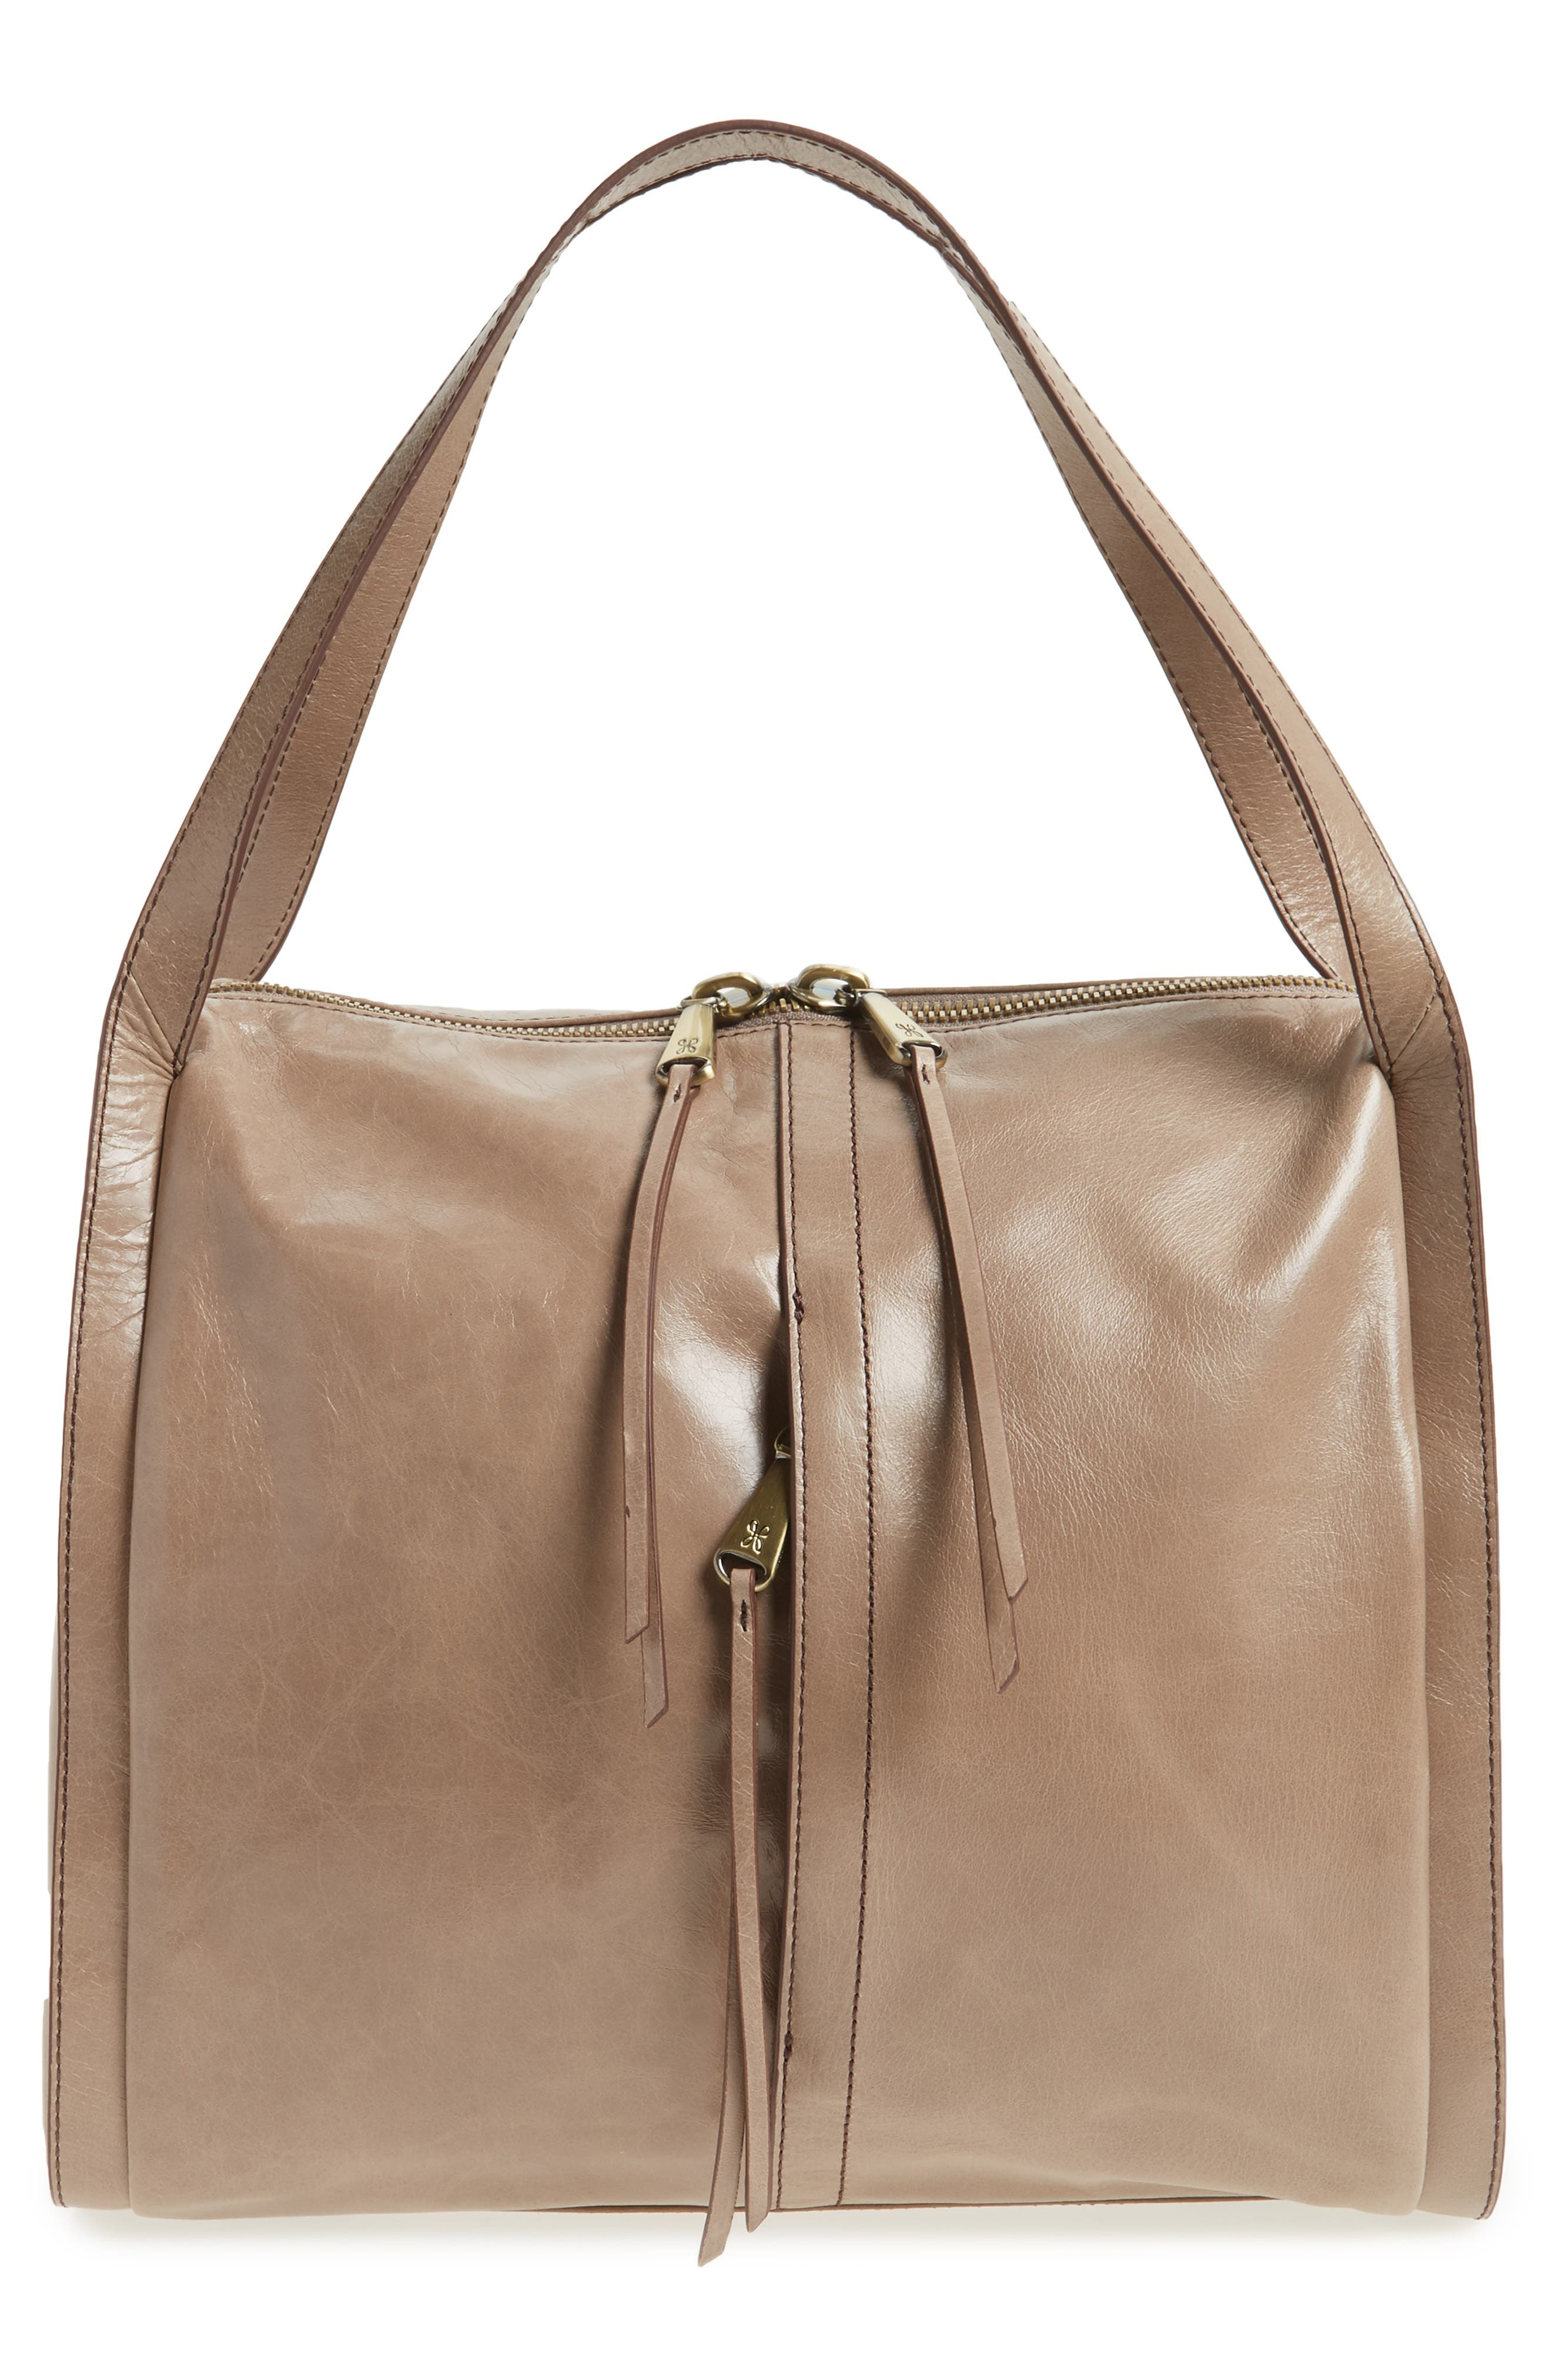 Main Image - Hobo Century Leather Shopper